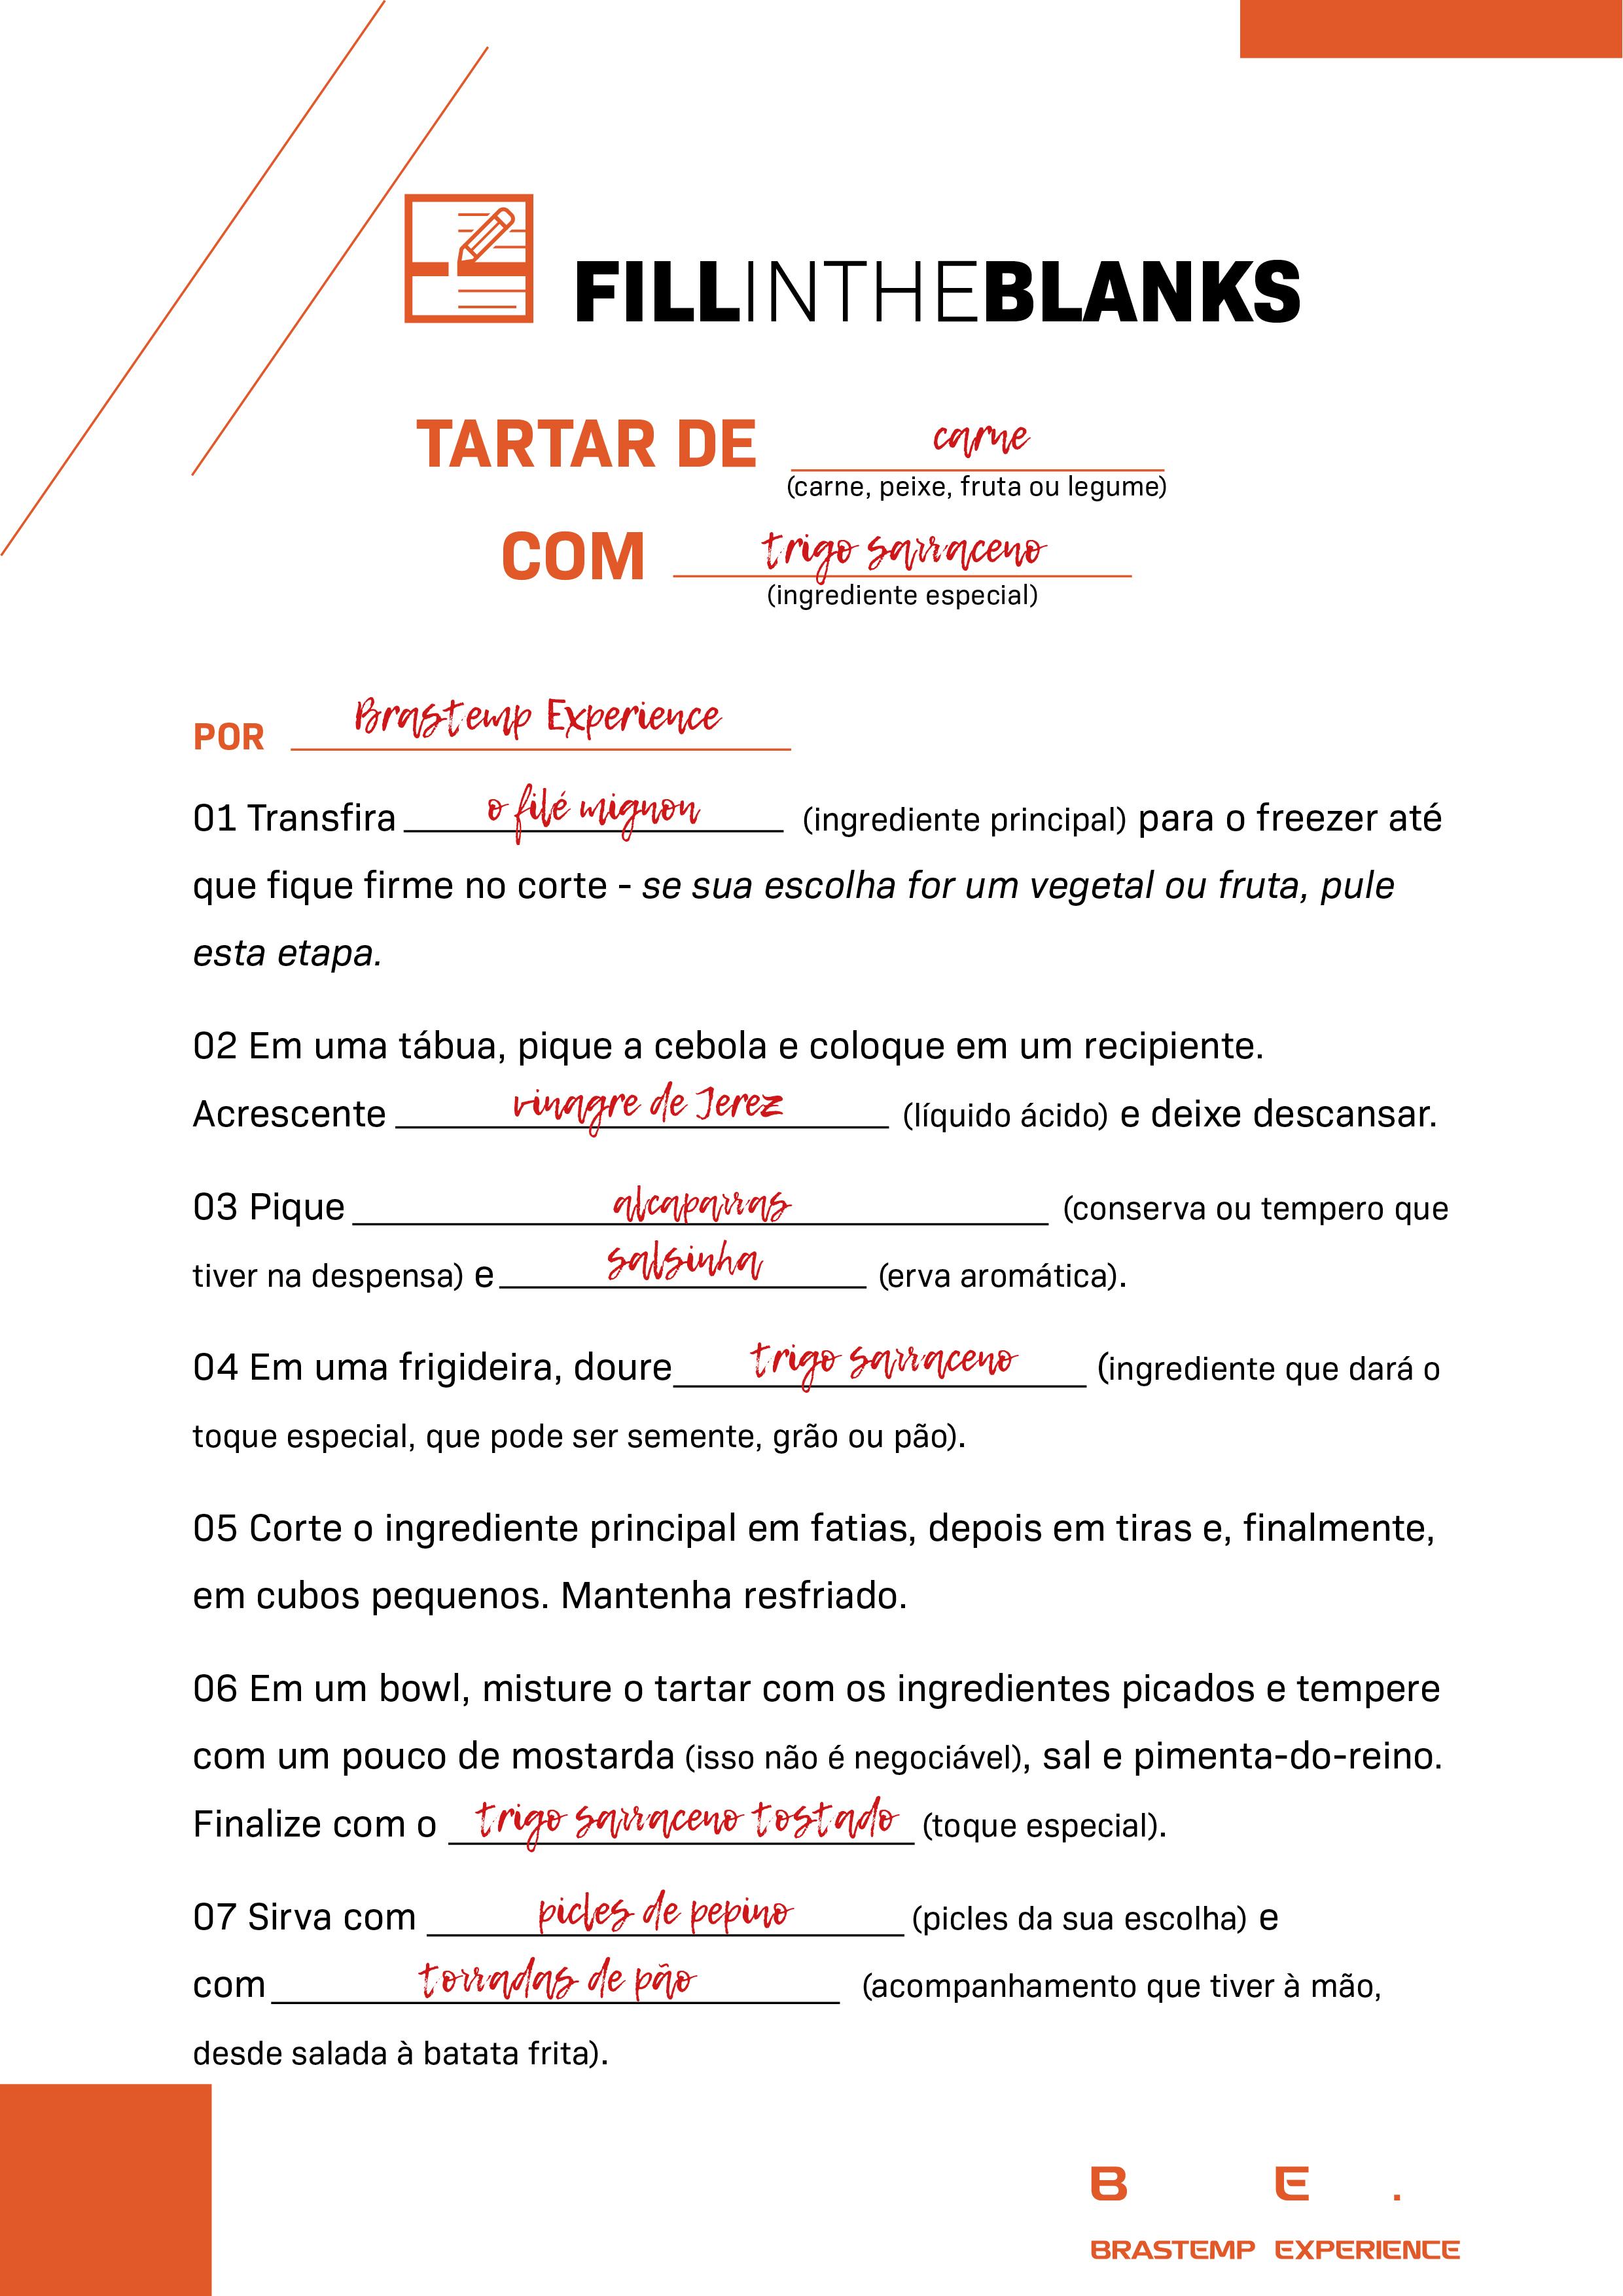 FITB_Tartar_BE_preenchido